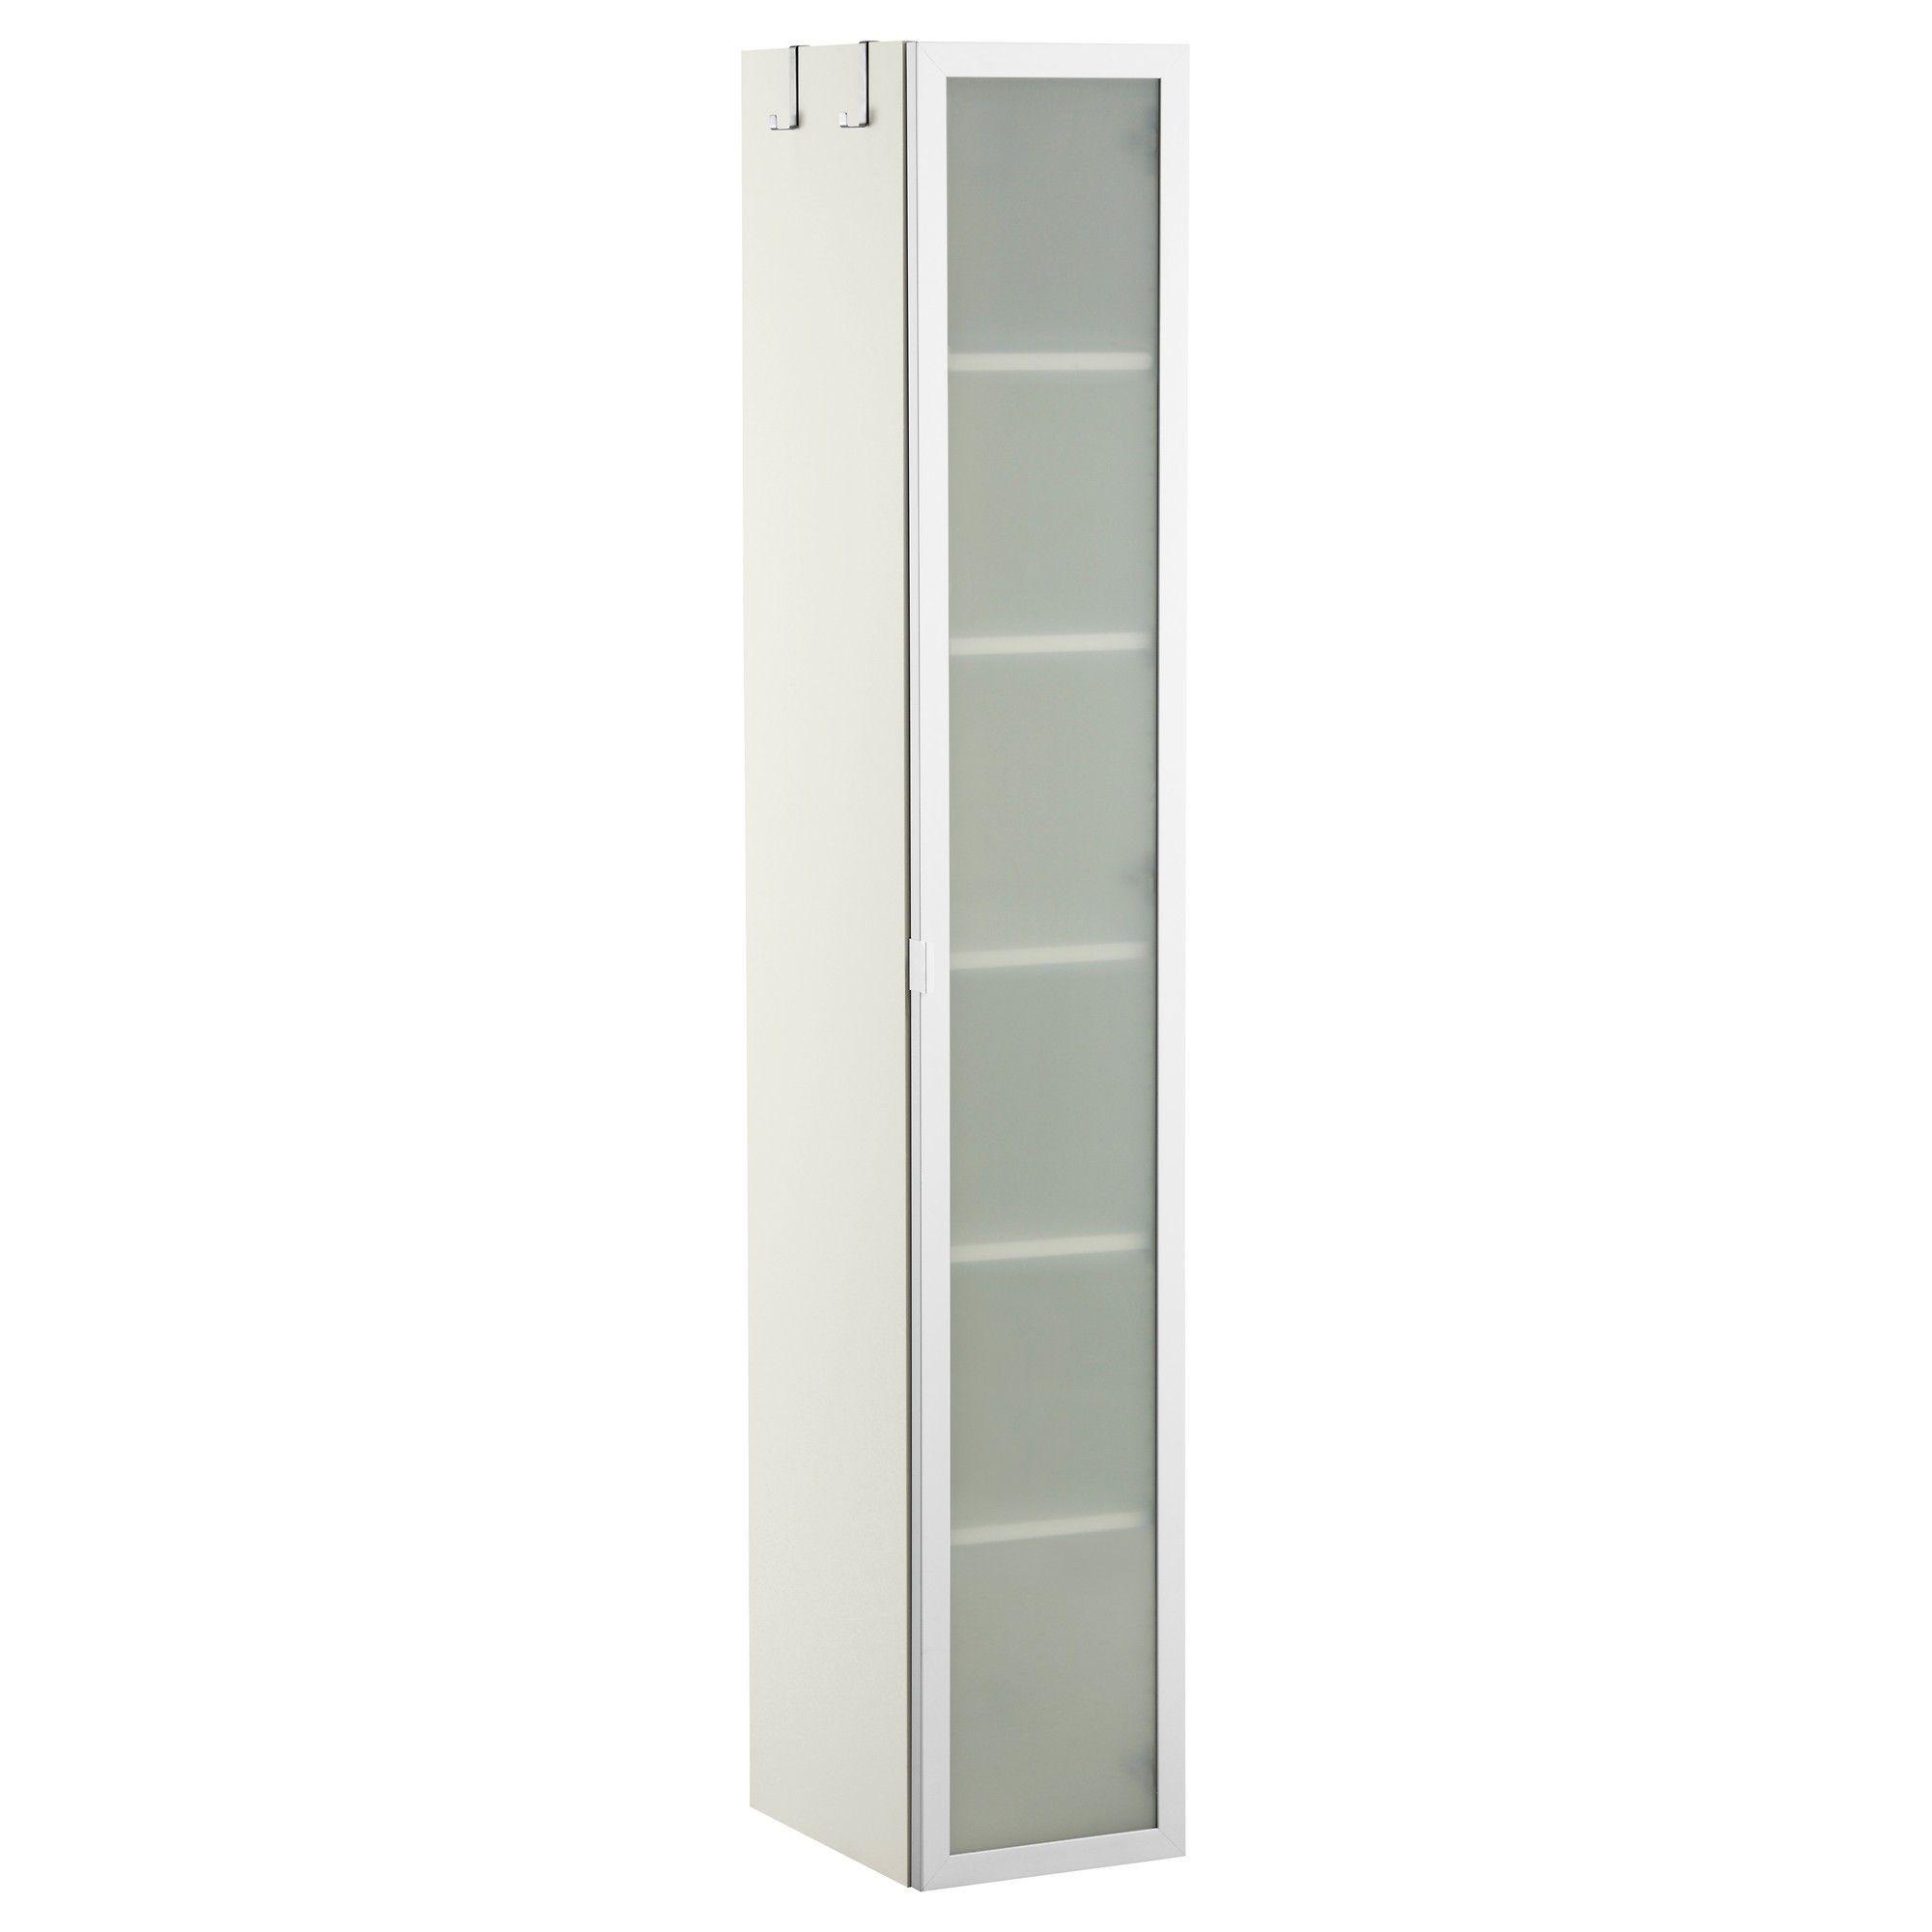 bathroom cabinets high tall ikea from High Bathroom Cabinet ...